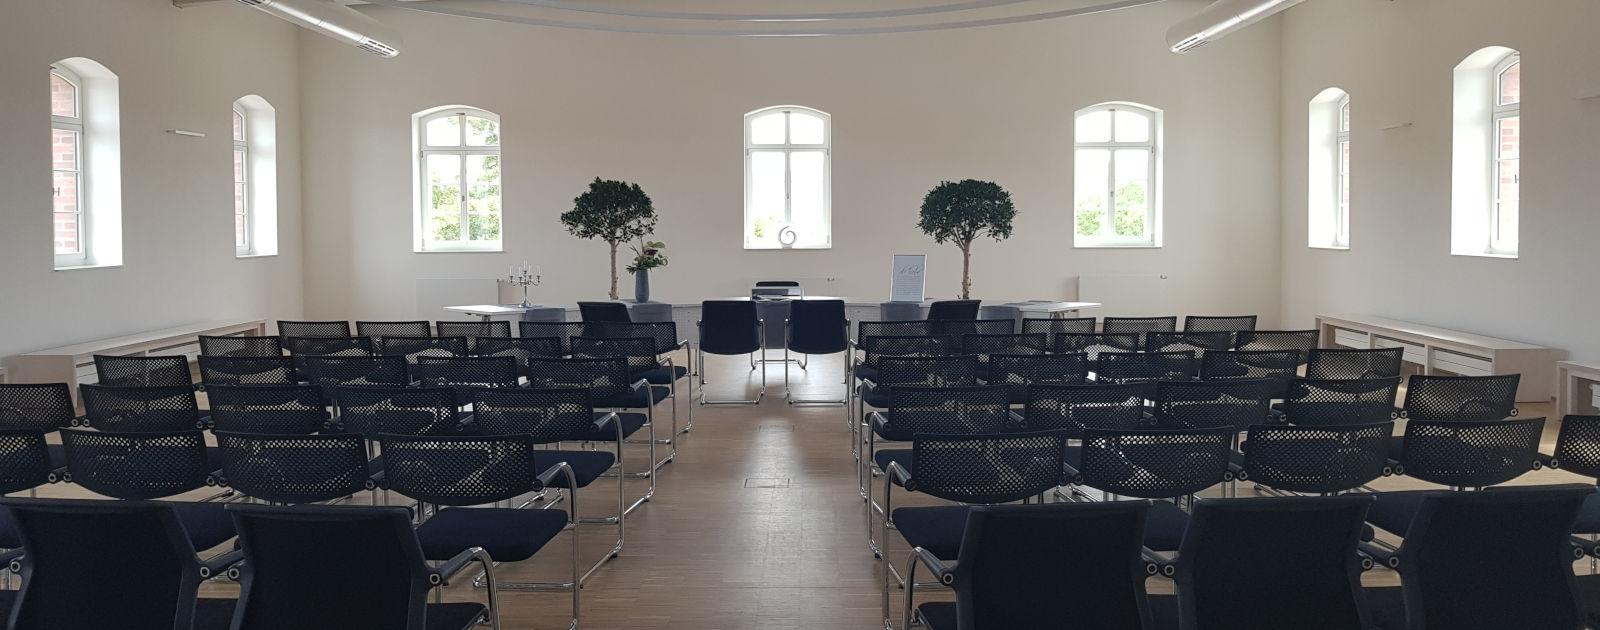 Bestuhlung Bürgersaal Willstätt Trauung